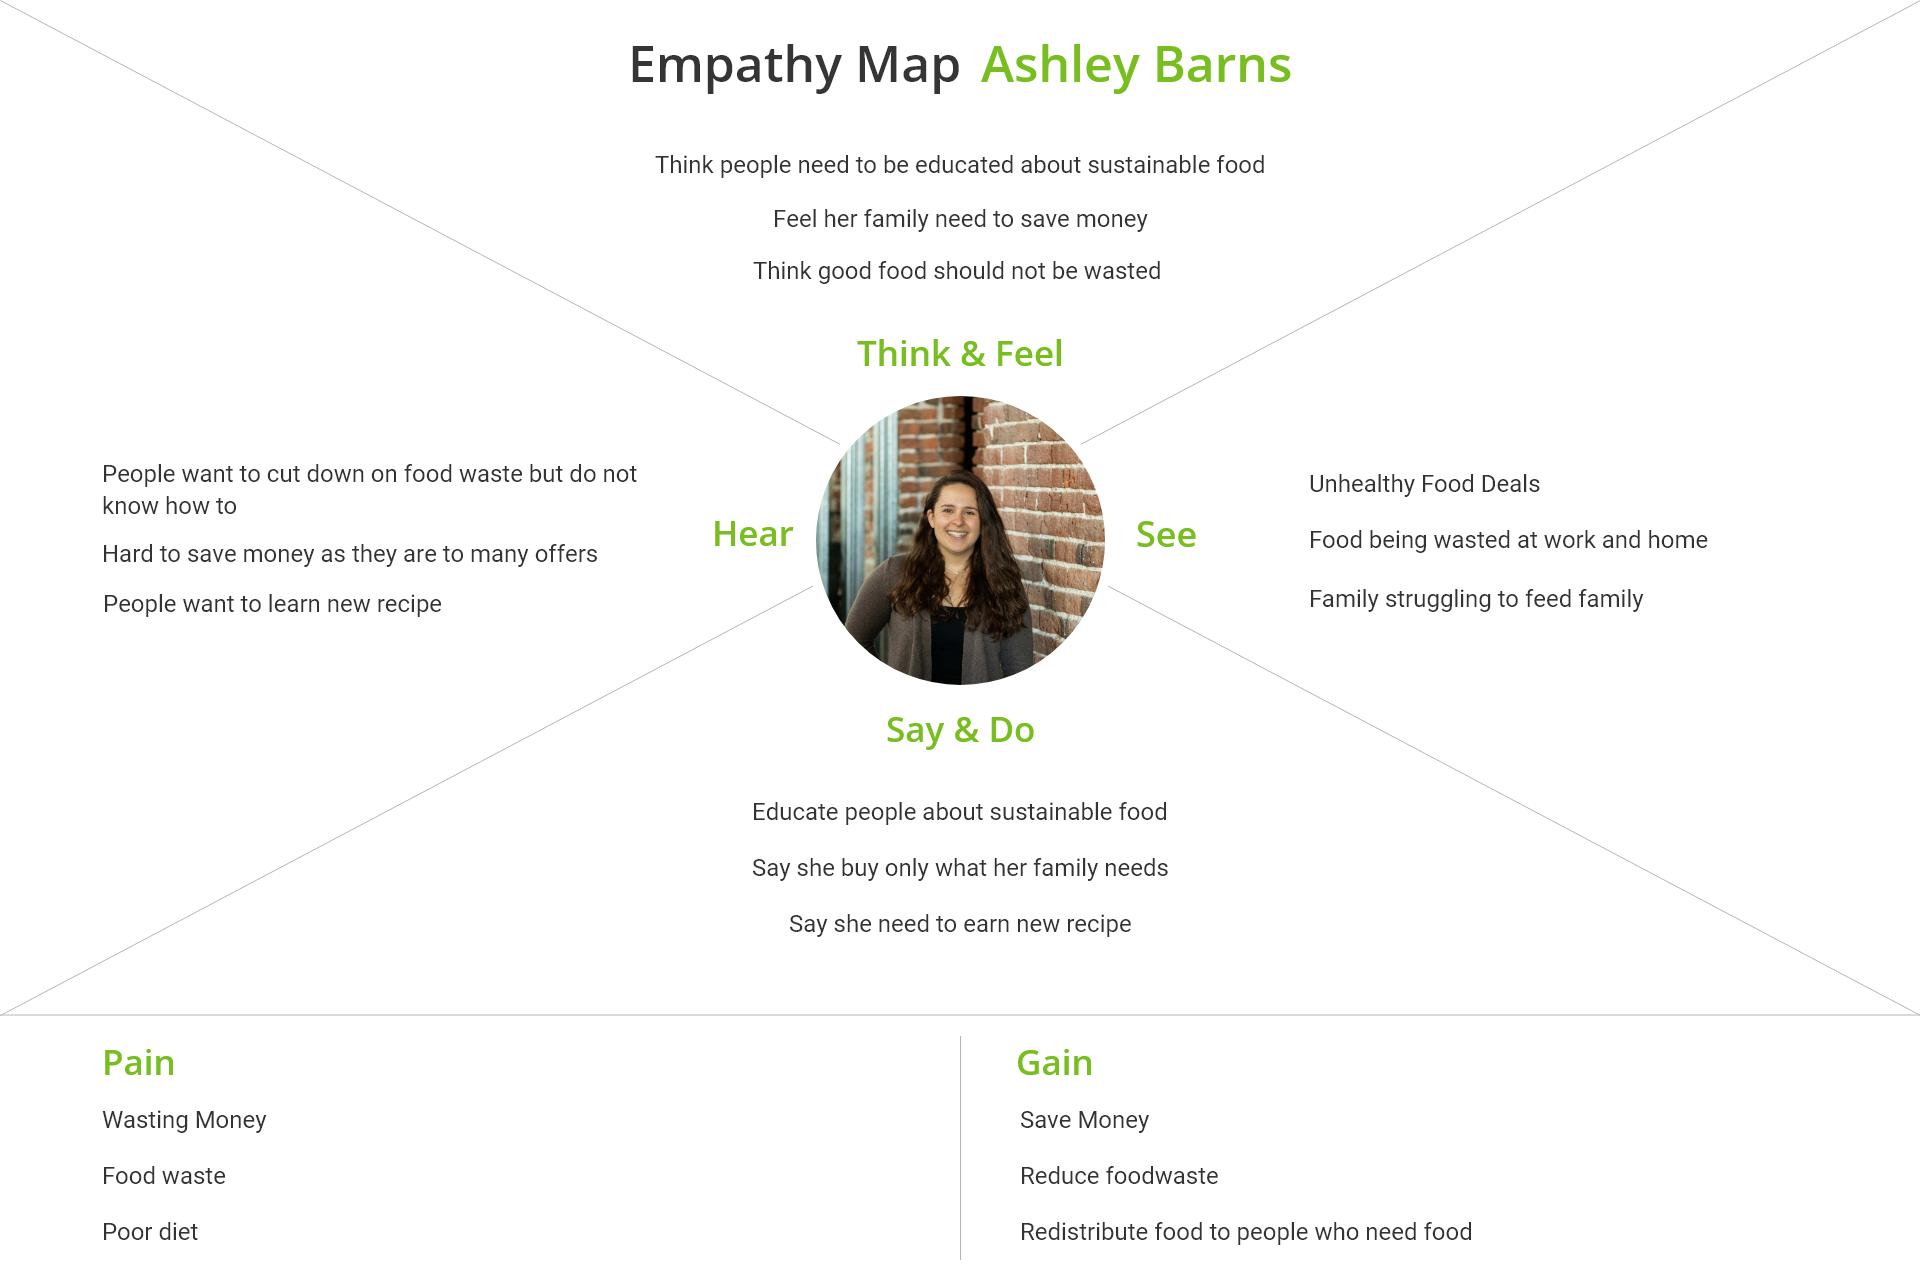 emphathy map Ashley Barns